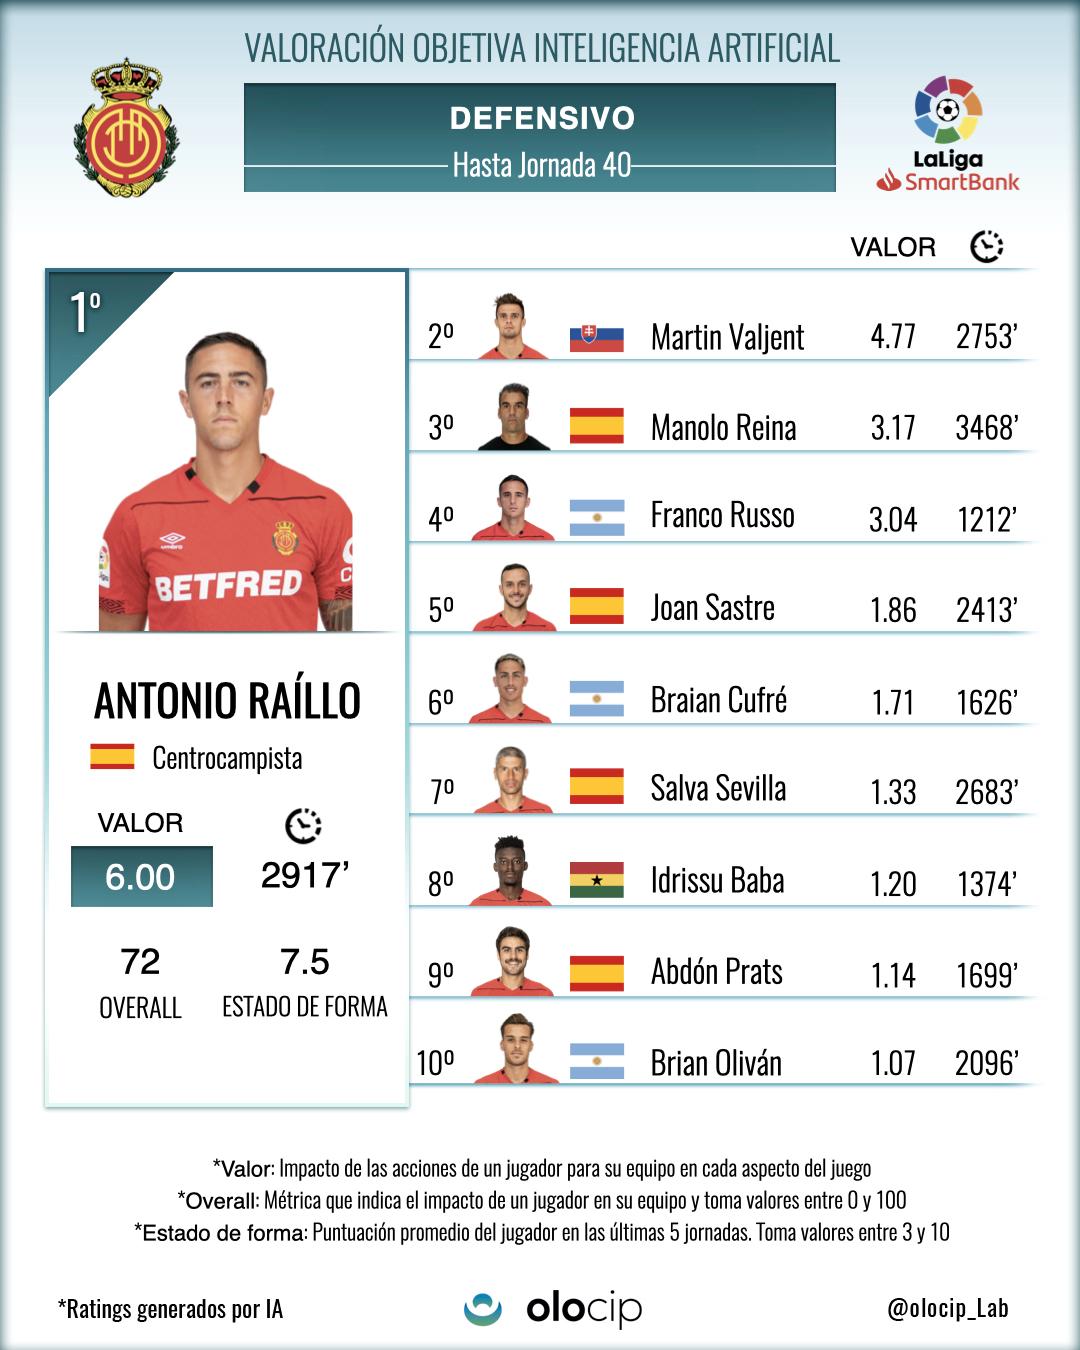 *Top 10 de jugadores del Mallorca que más valor han aportado a su equipo con acciones defensivas